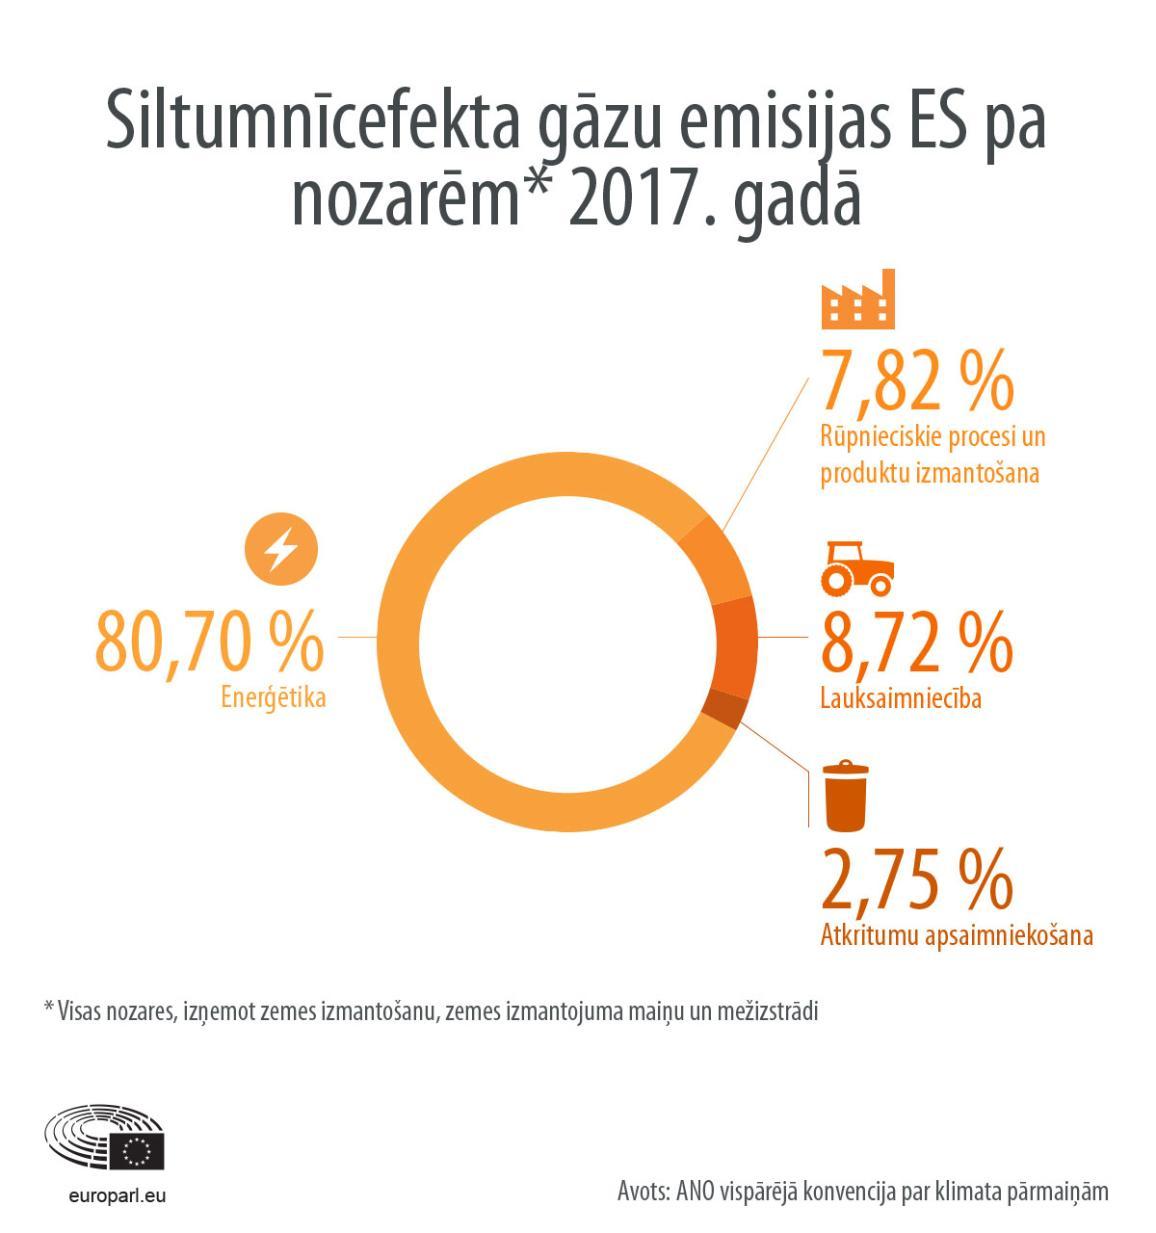 Infografika: Siltumnīcefekta gāzu emisijas ES pa nozarēm 2017. gadā.